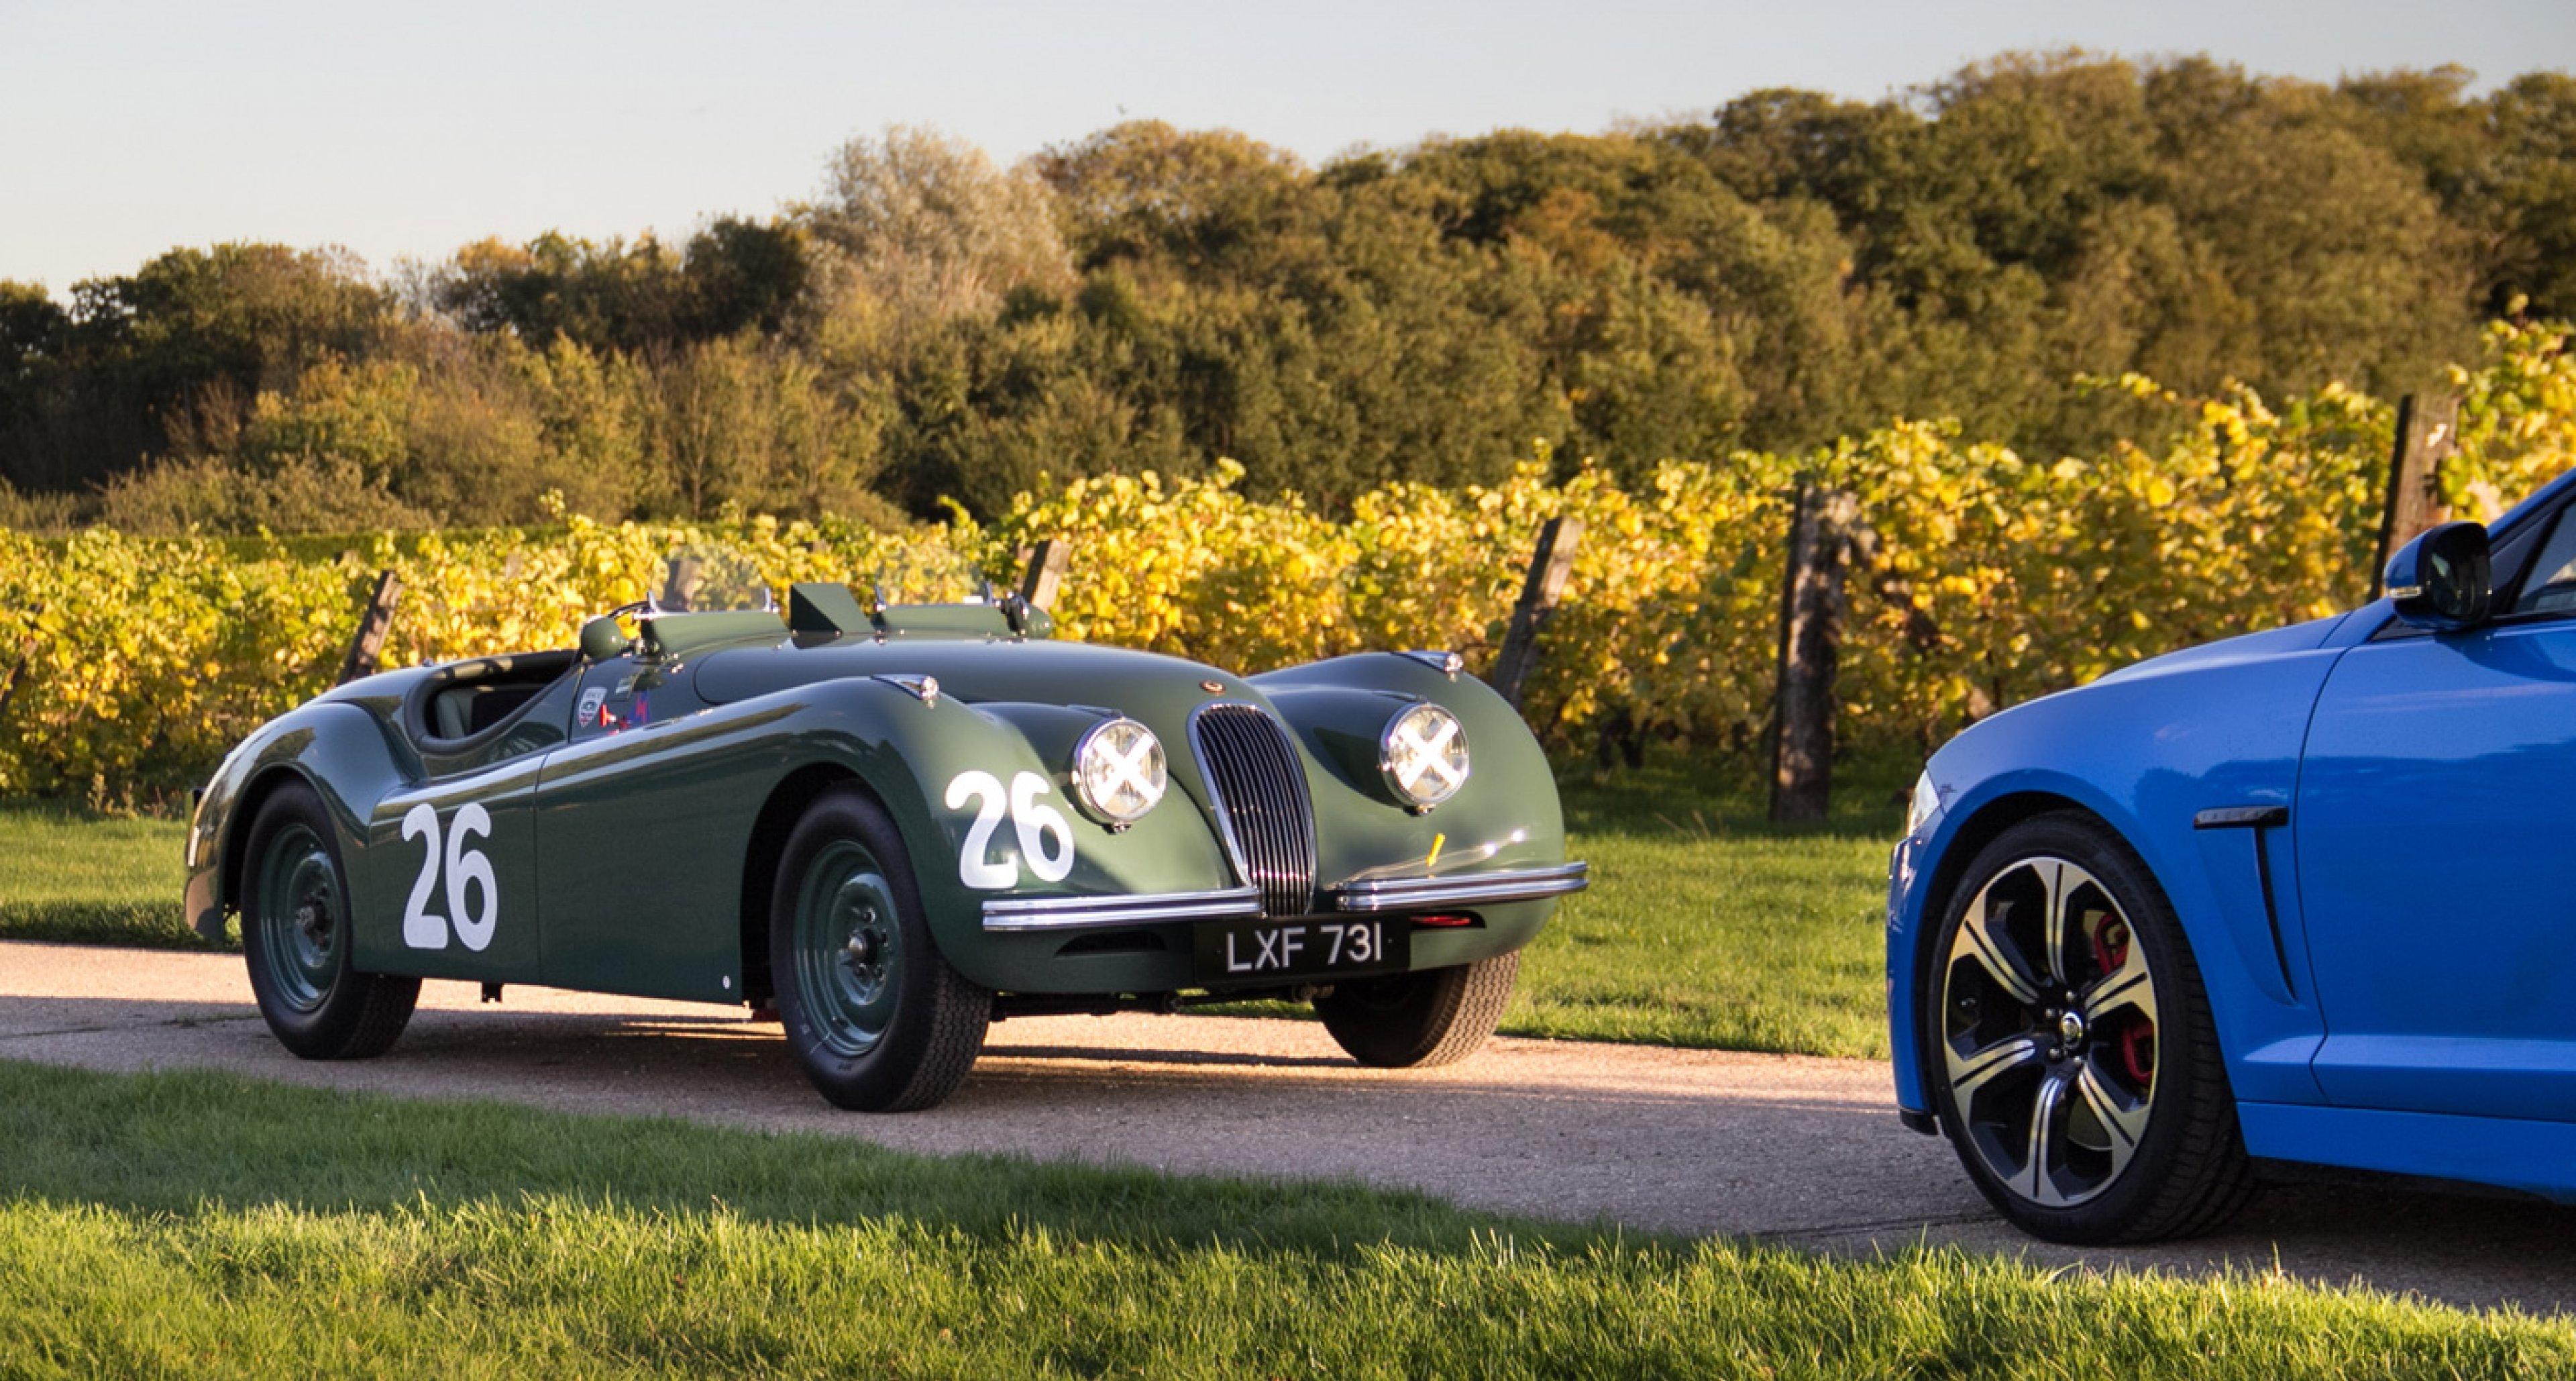 Jaguar XFR-S meets XK120